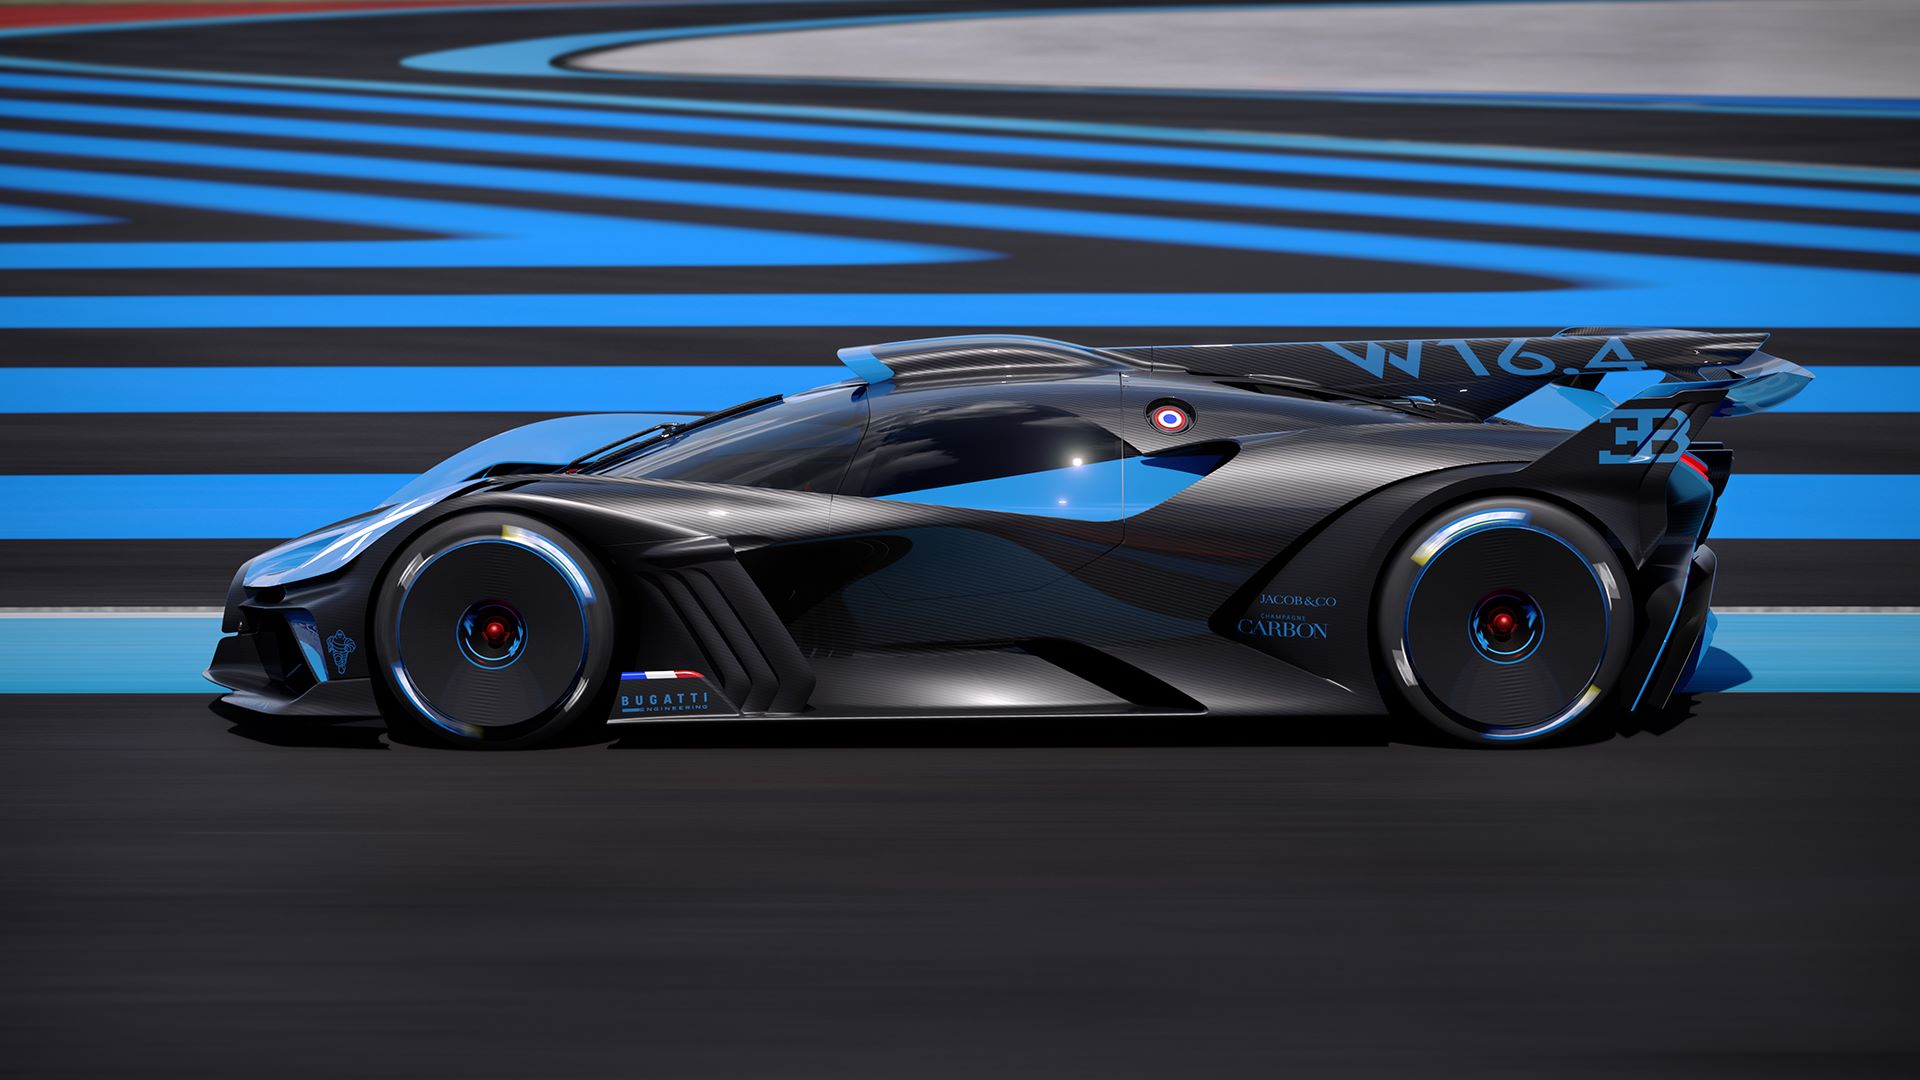 Bugatti-Bolide-concept-4